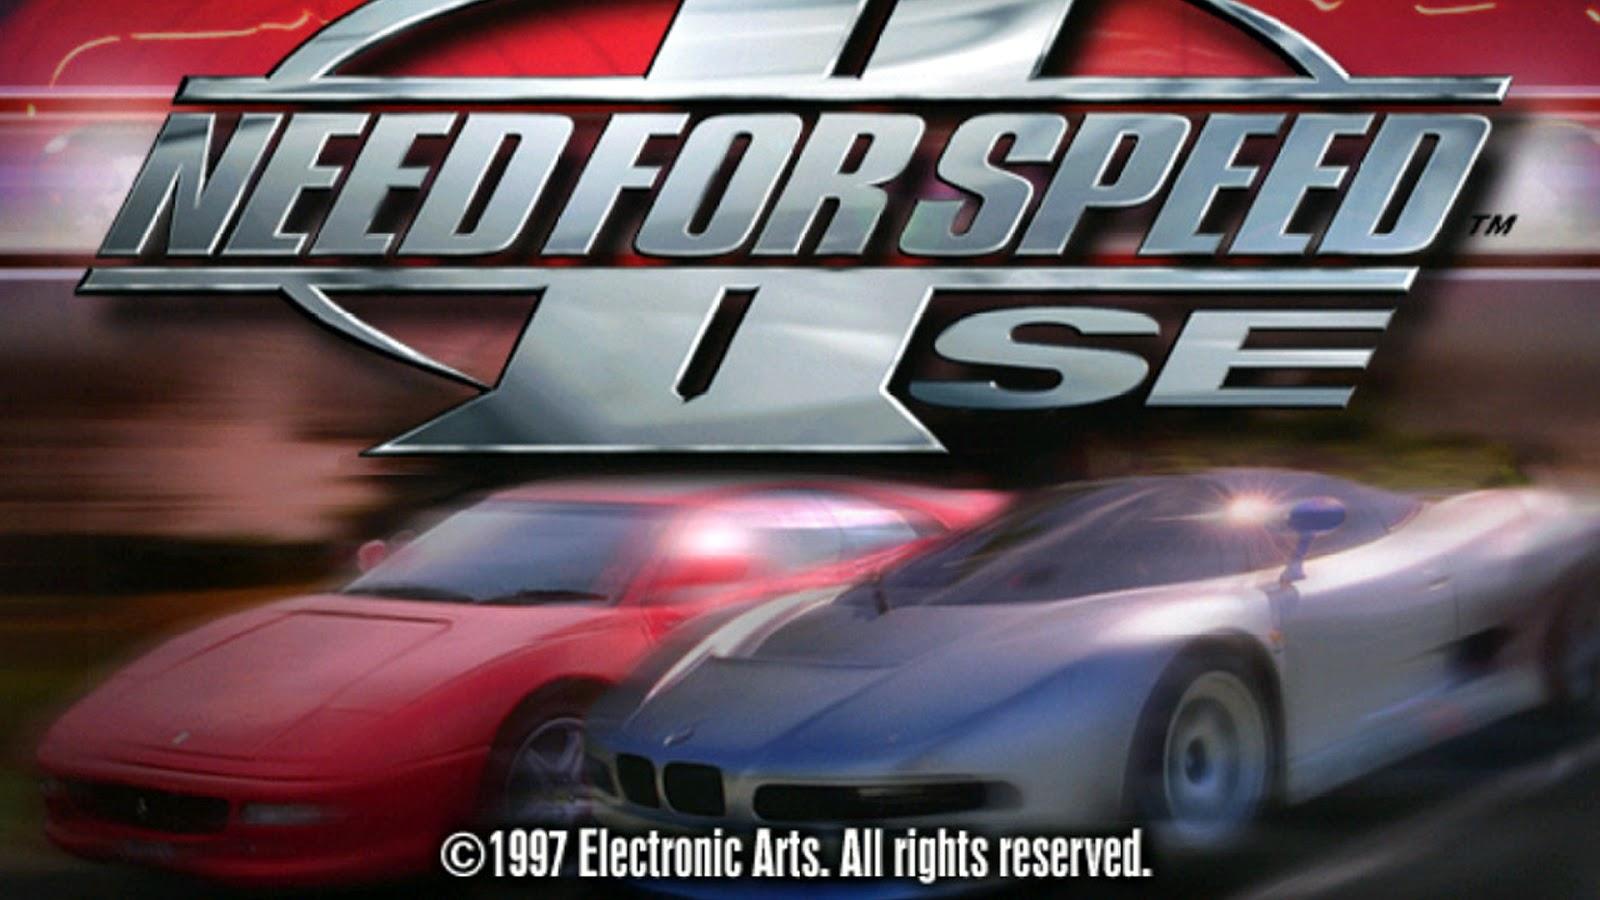 تحميل لعبة نيد فور سبيد الجزء الثانى ( نسخة فاخرة ) - Need for Speed II: Special Edition